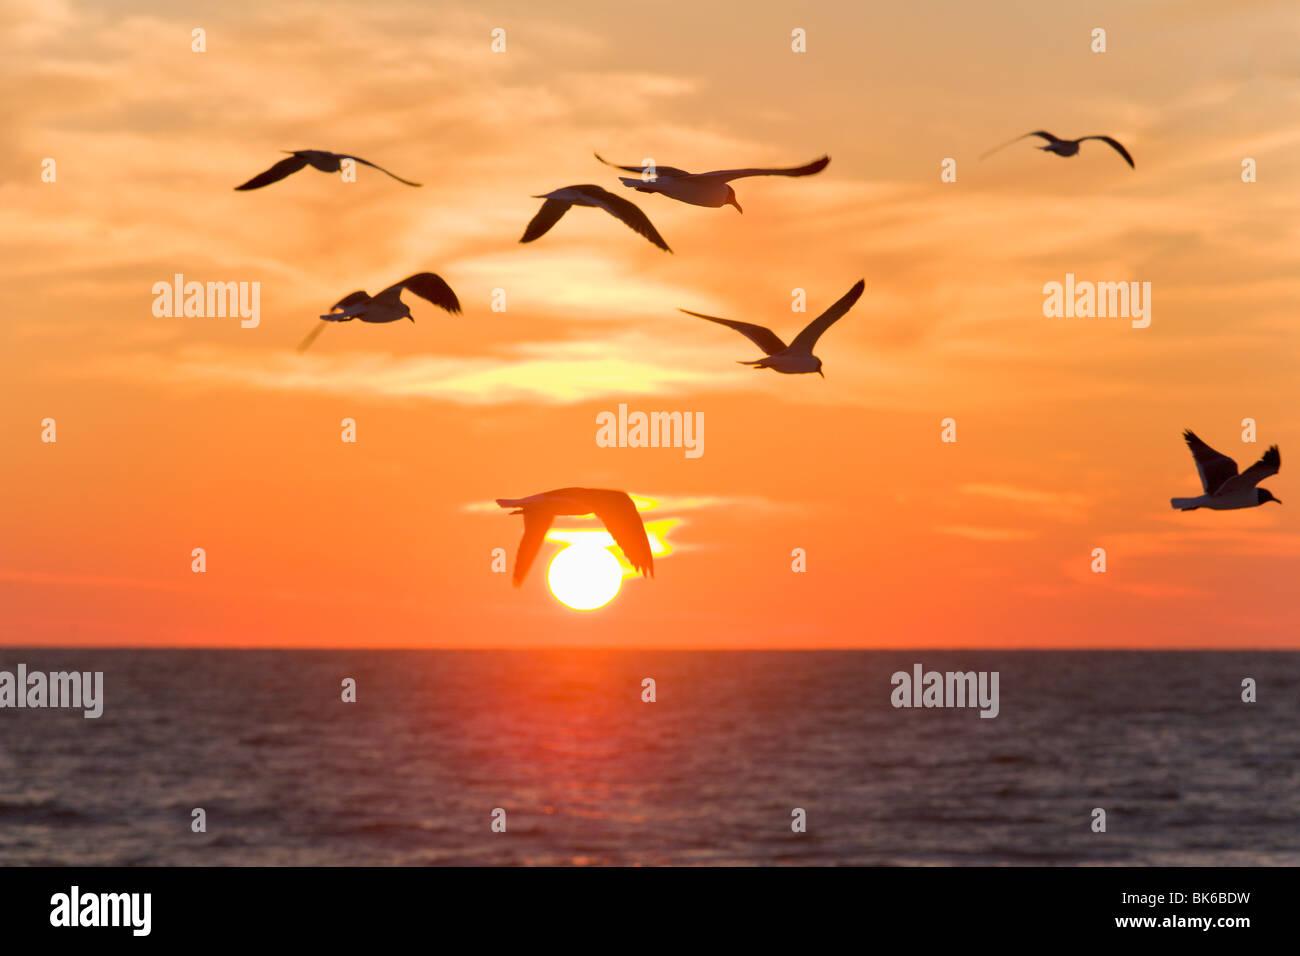 Birds flying at sunset, Sarasota, Florida, USA - Stock Image